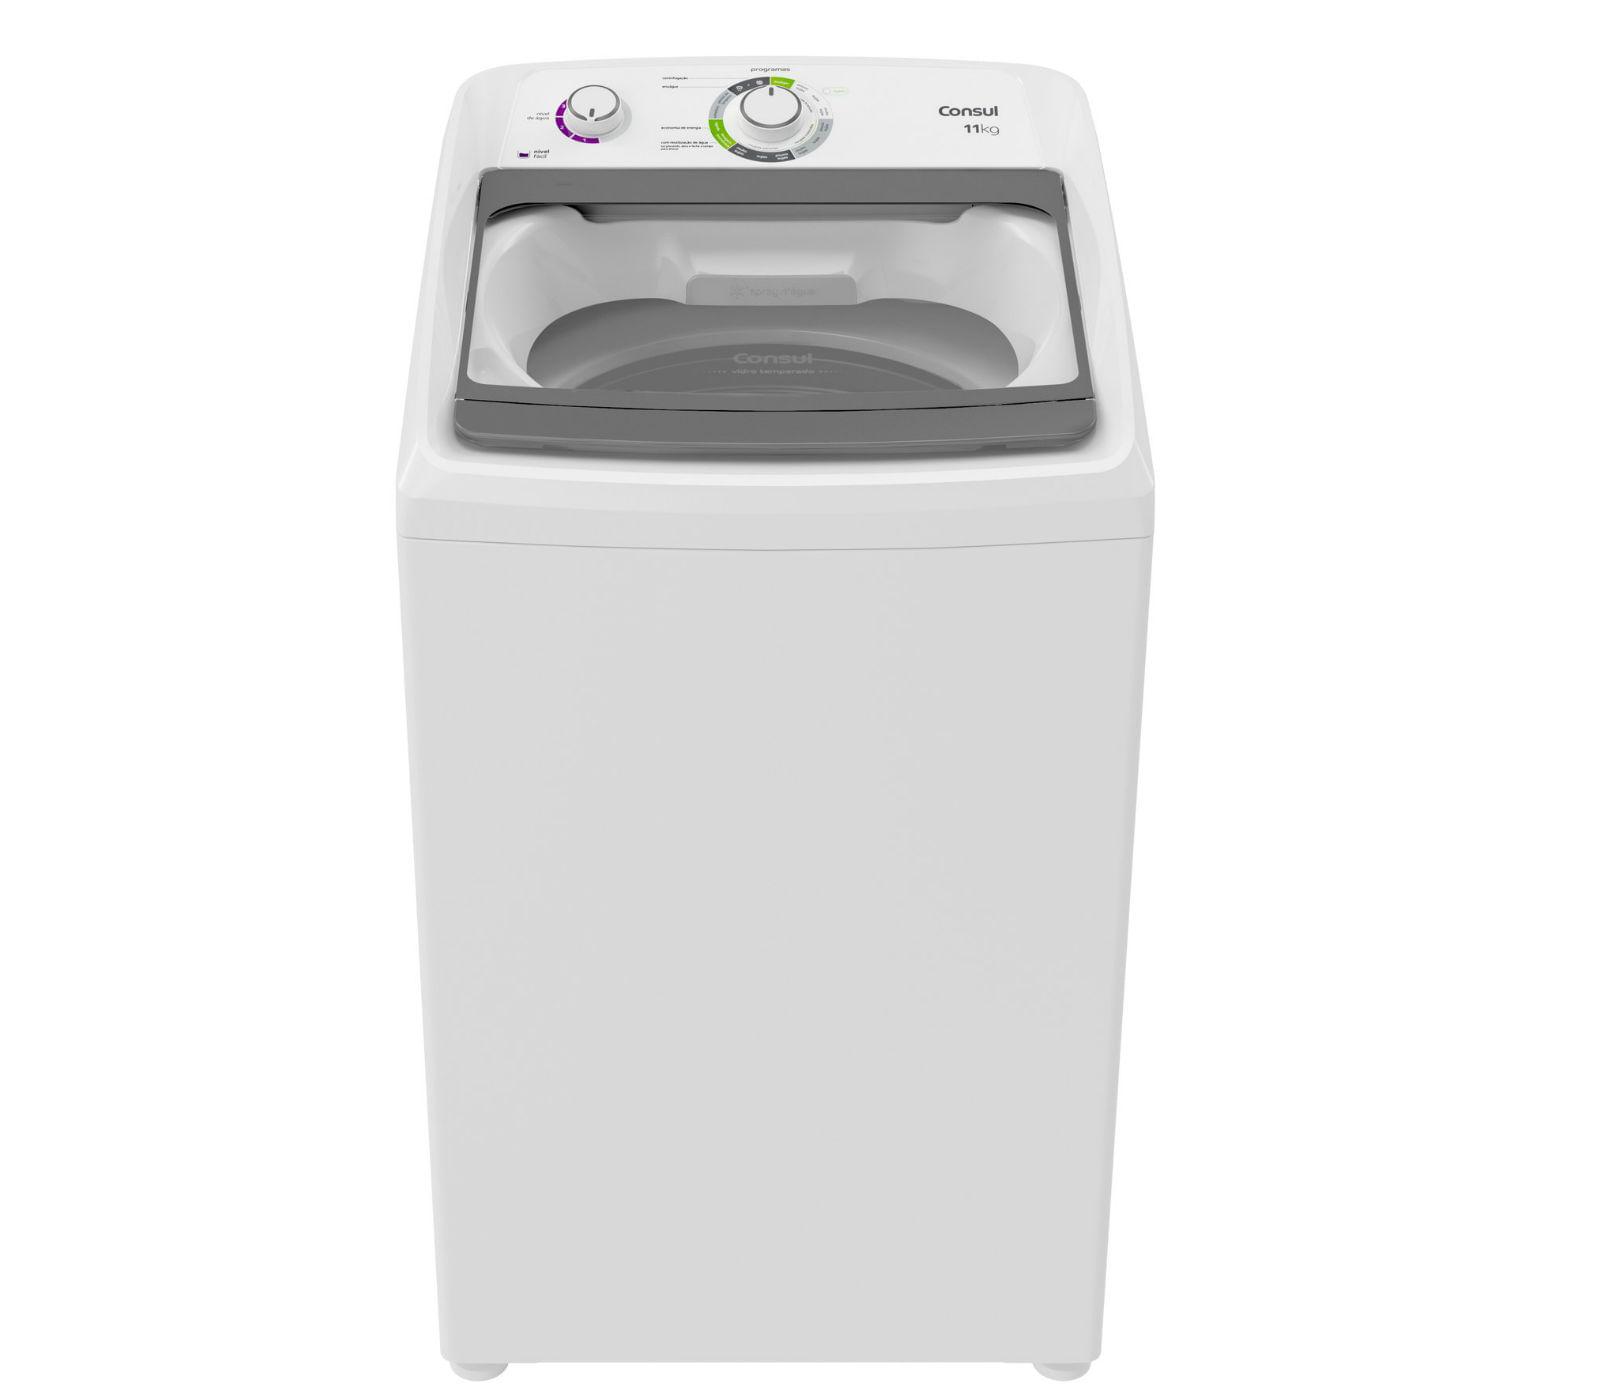 Máquina de Lavar Consul 11kg Dosagem Extra Econômica e Ciclo Edredom - CWH11AB